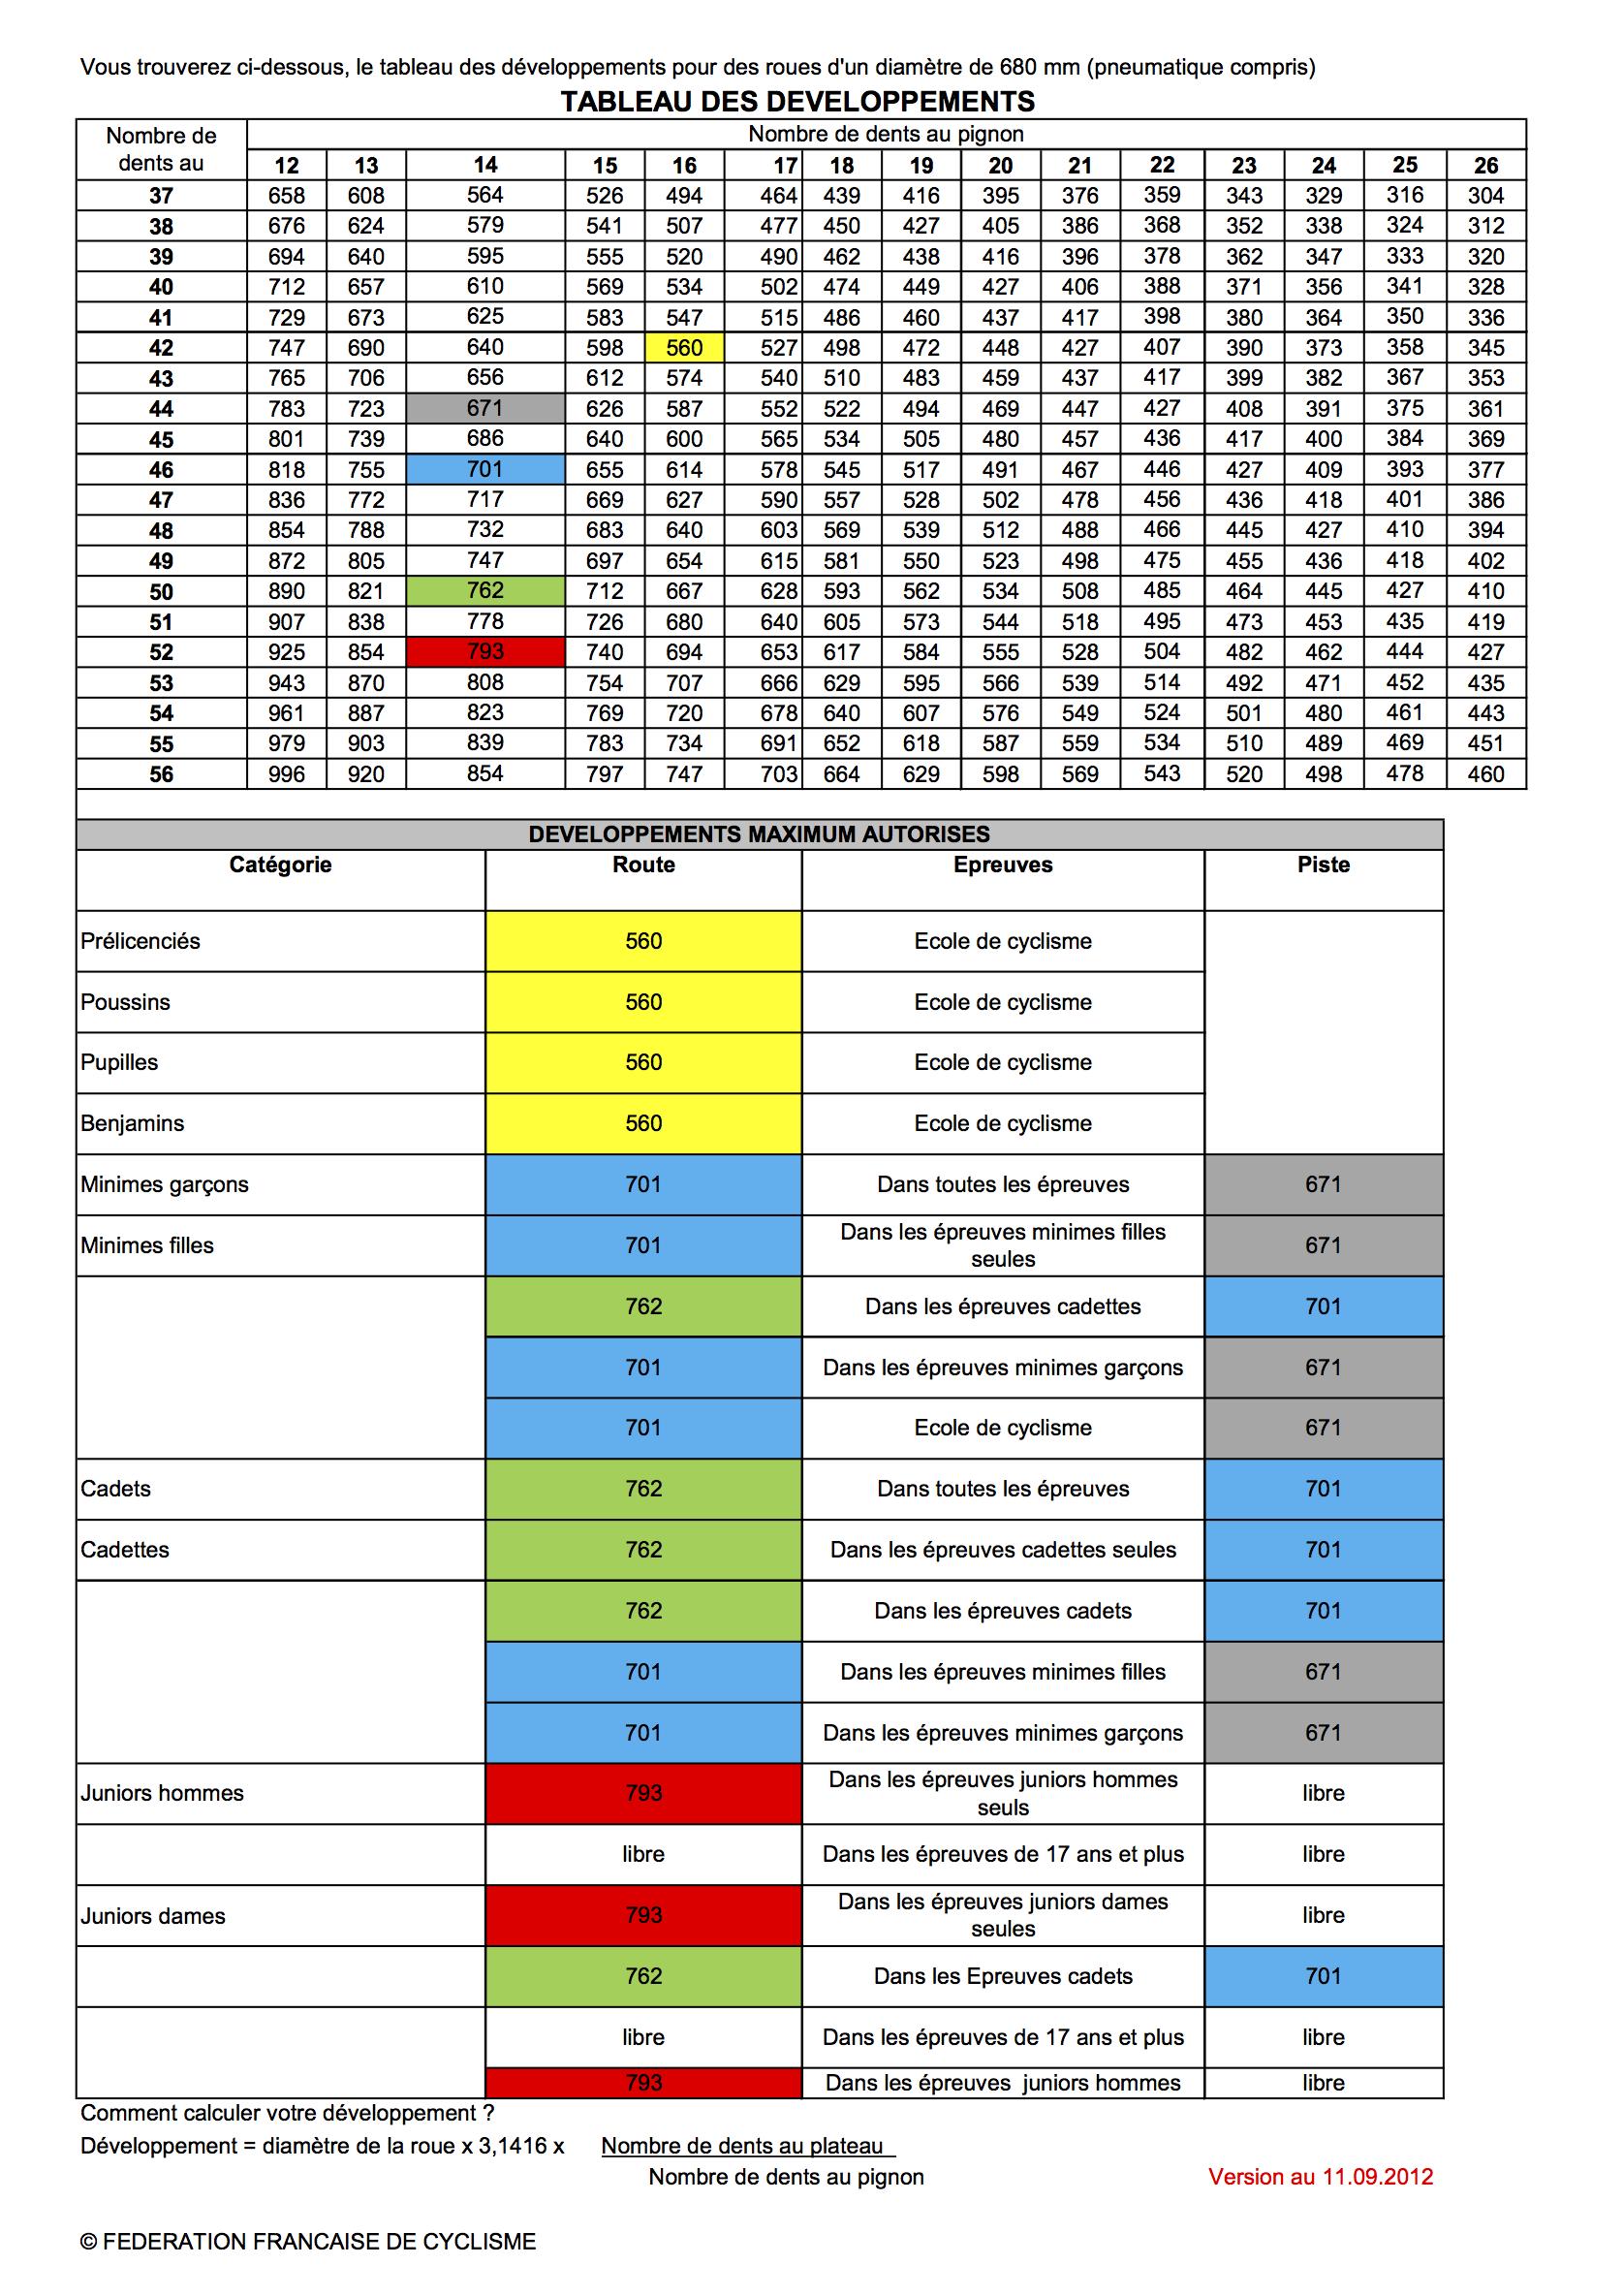 Tableau-des-developpements-11-09-2012